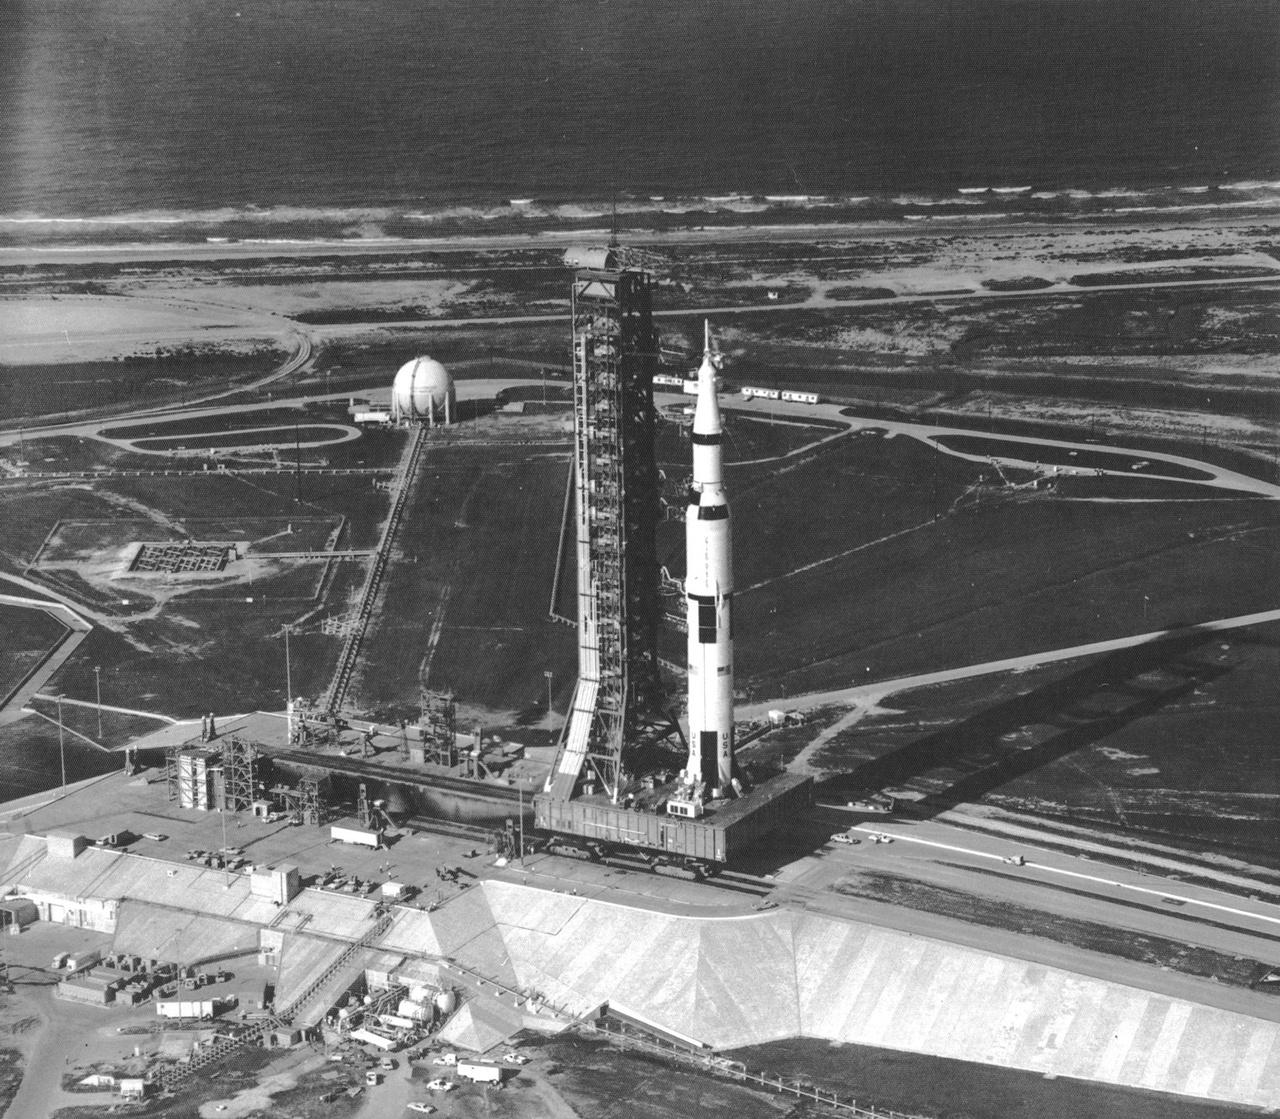 1969. május 20. A 39A startállás és az Apollo-11 küldetésre készülő Saturn V-ös rakéta madártávlatból.